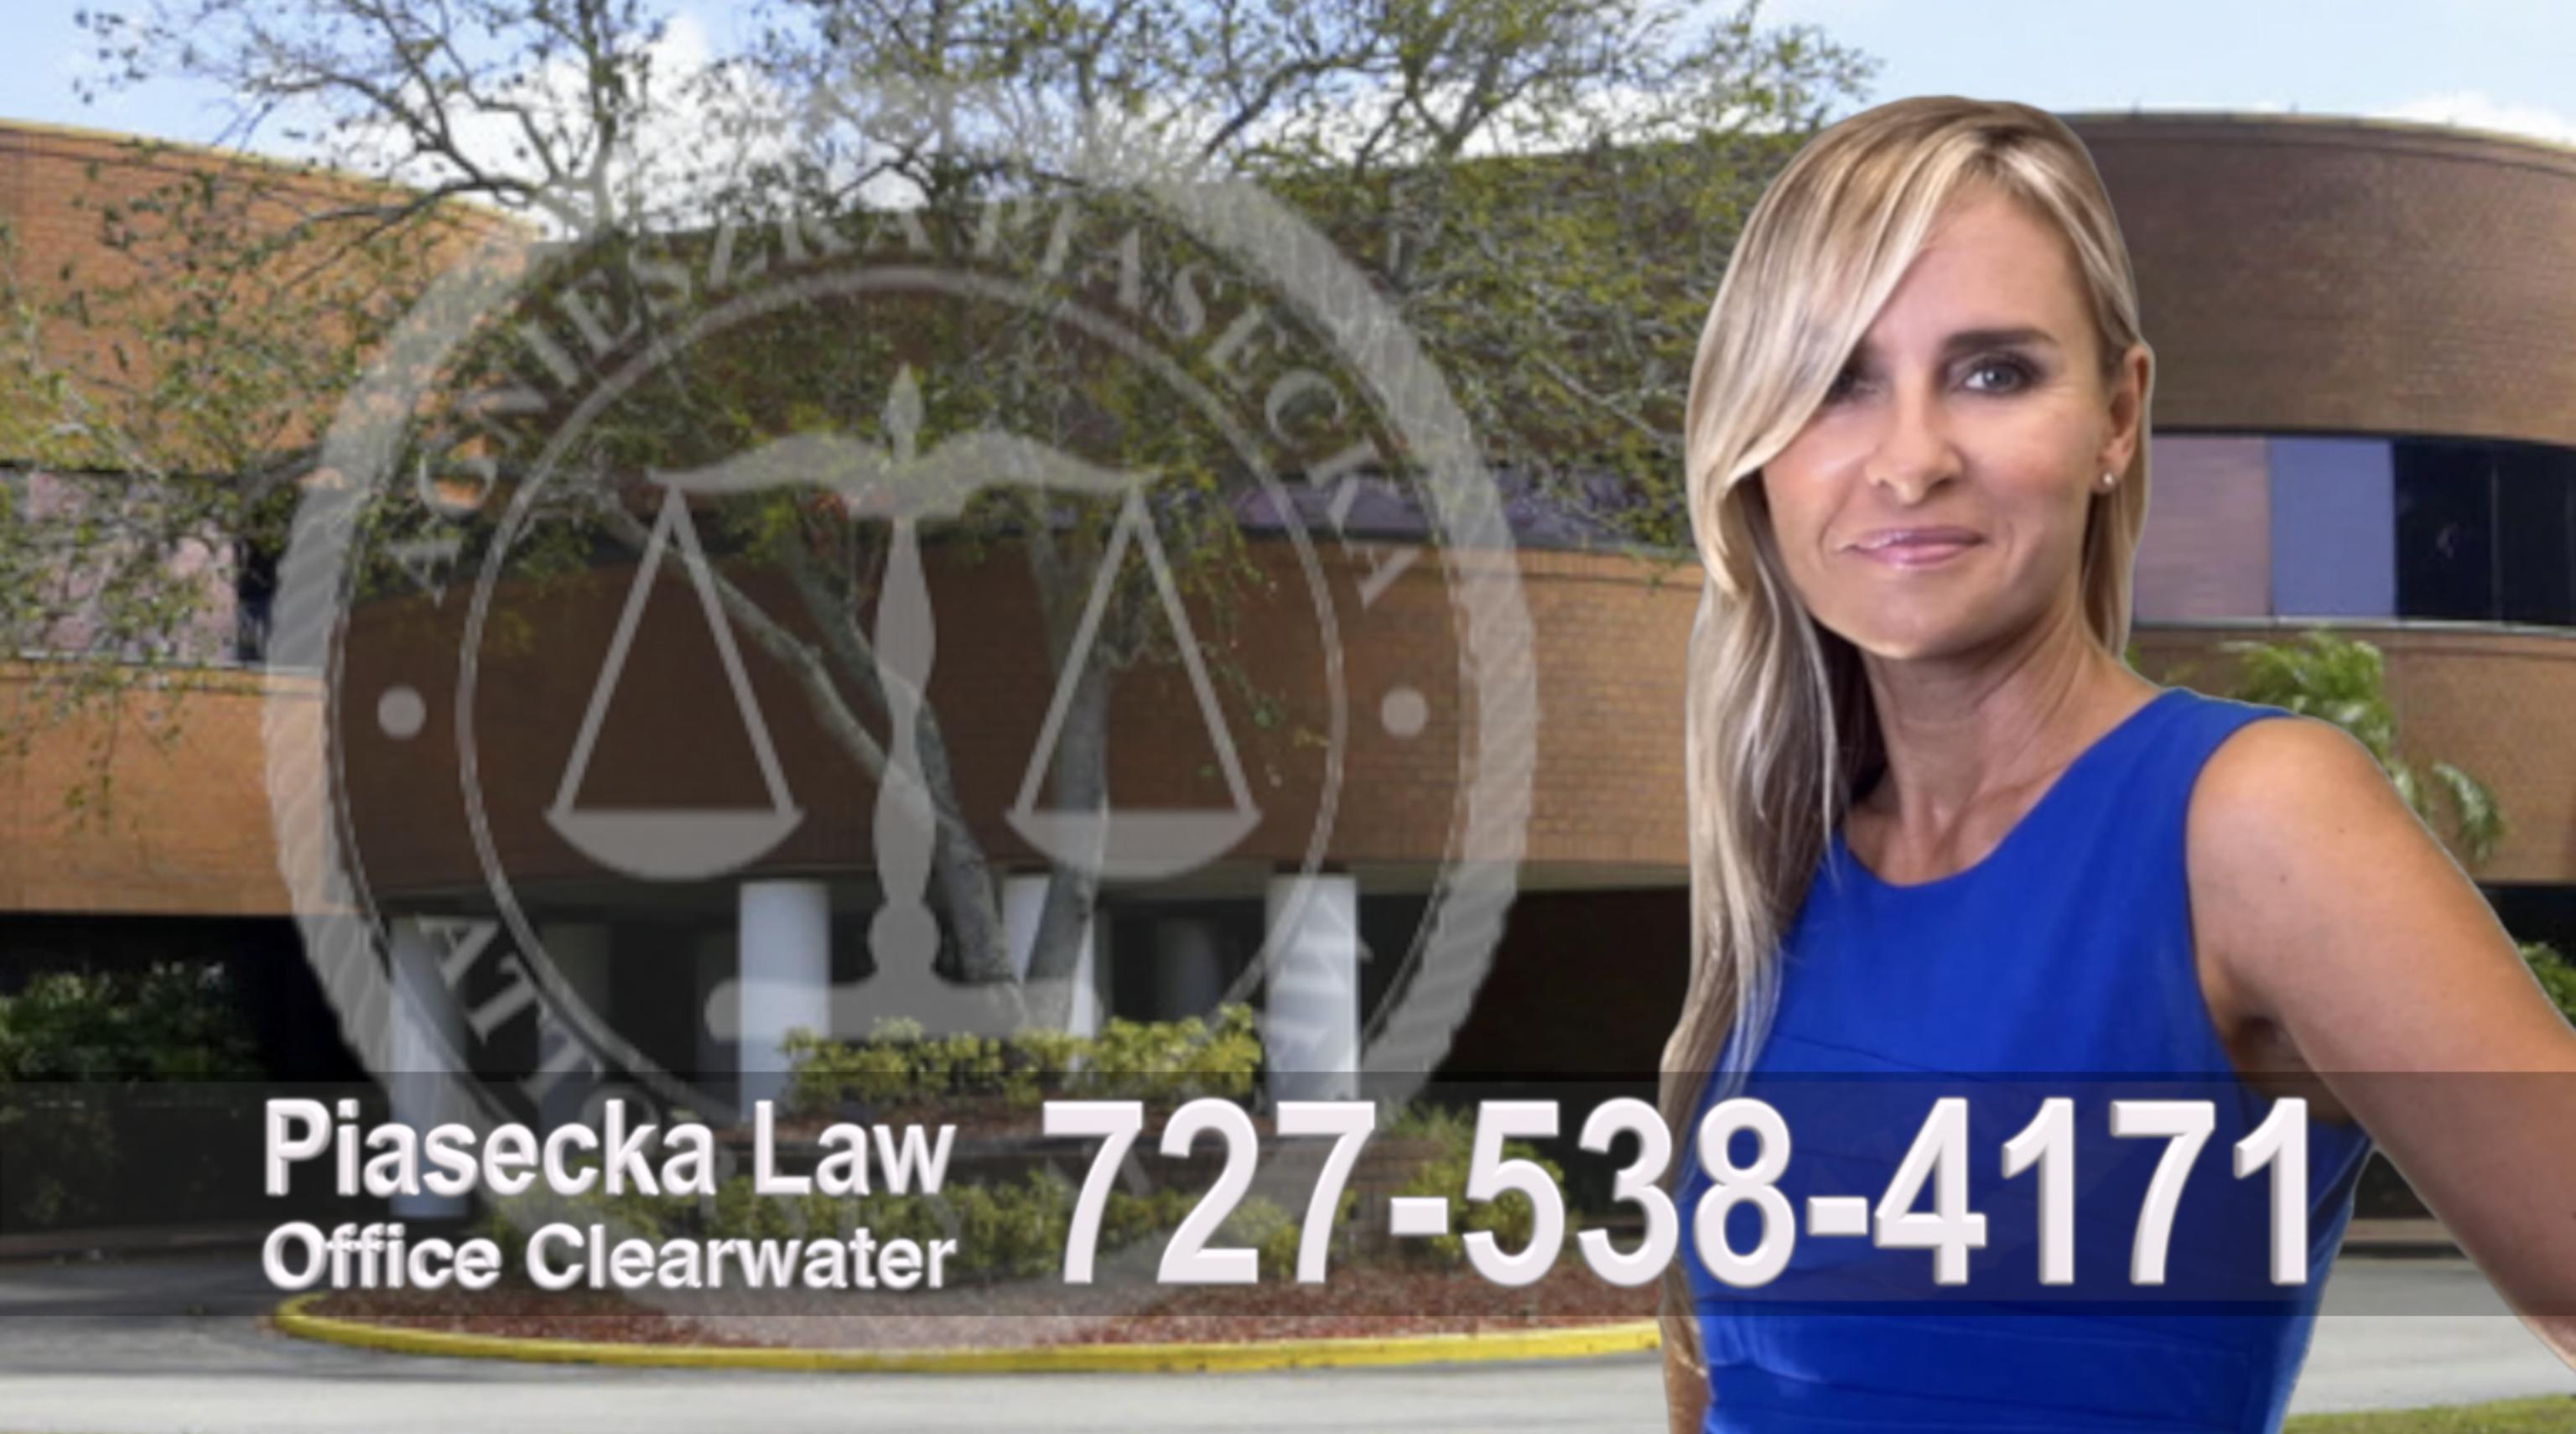 Polski Adwokat Imigracyjny Emigracyjny Clearwater, Attorney, Lawyer, Polish, Agnieszka Piasecka, Aga Piasecka, Clearwater, Florida, Office address 3